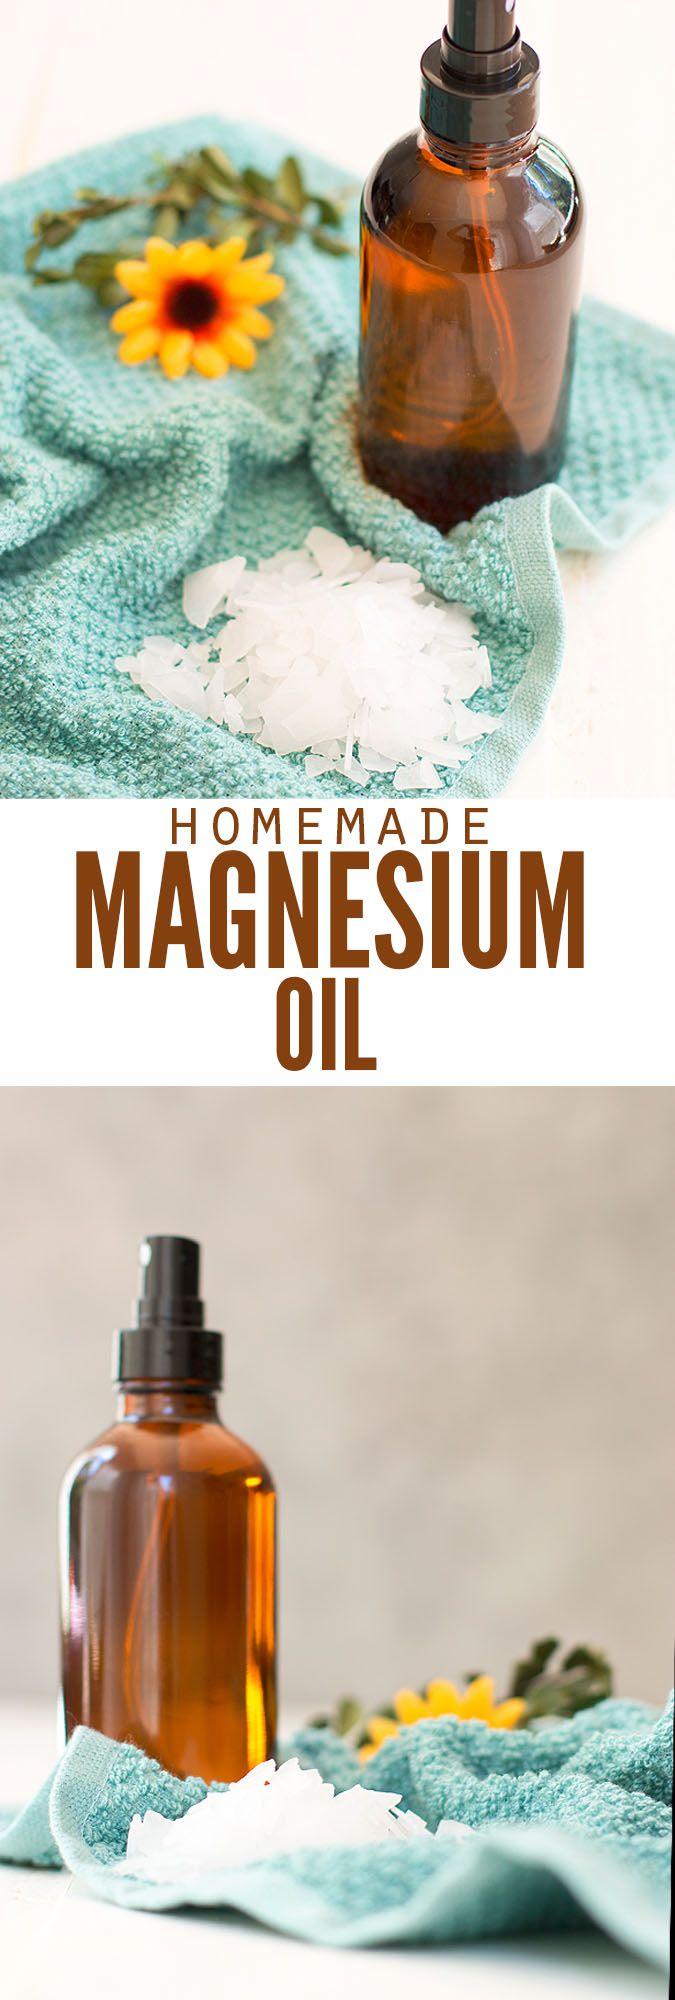 Magnesium Oil Tutorial (2 ingredients Magnesium oil